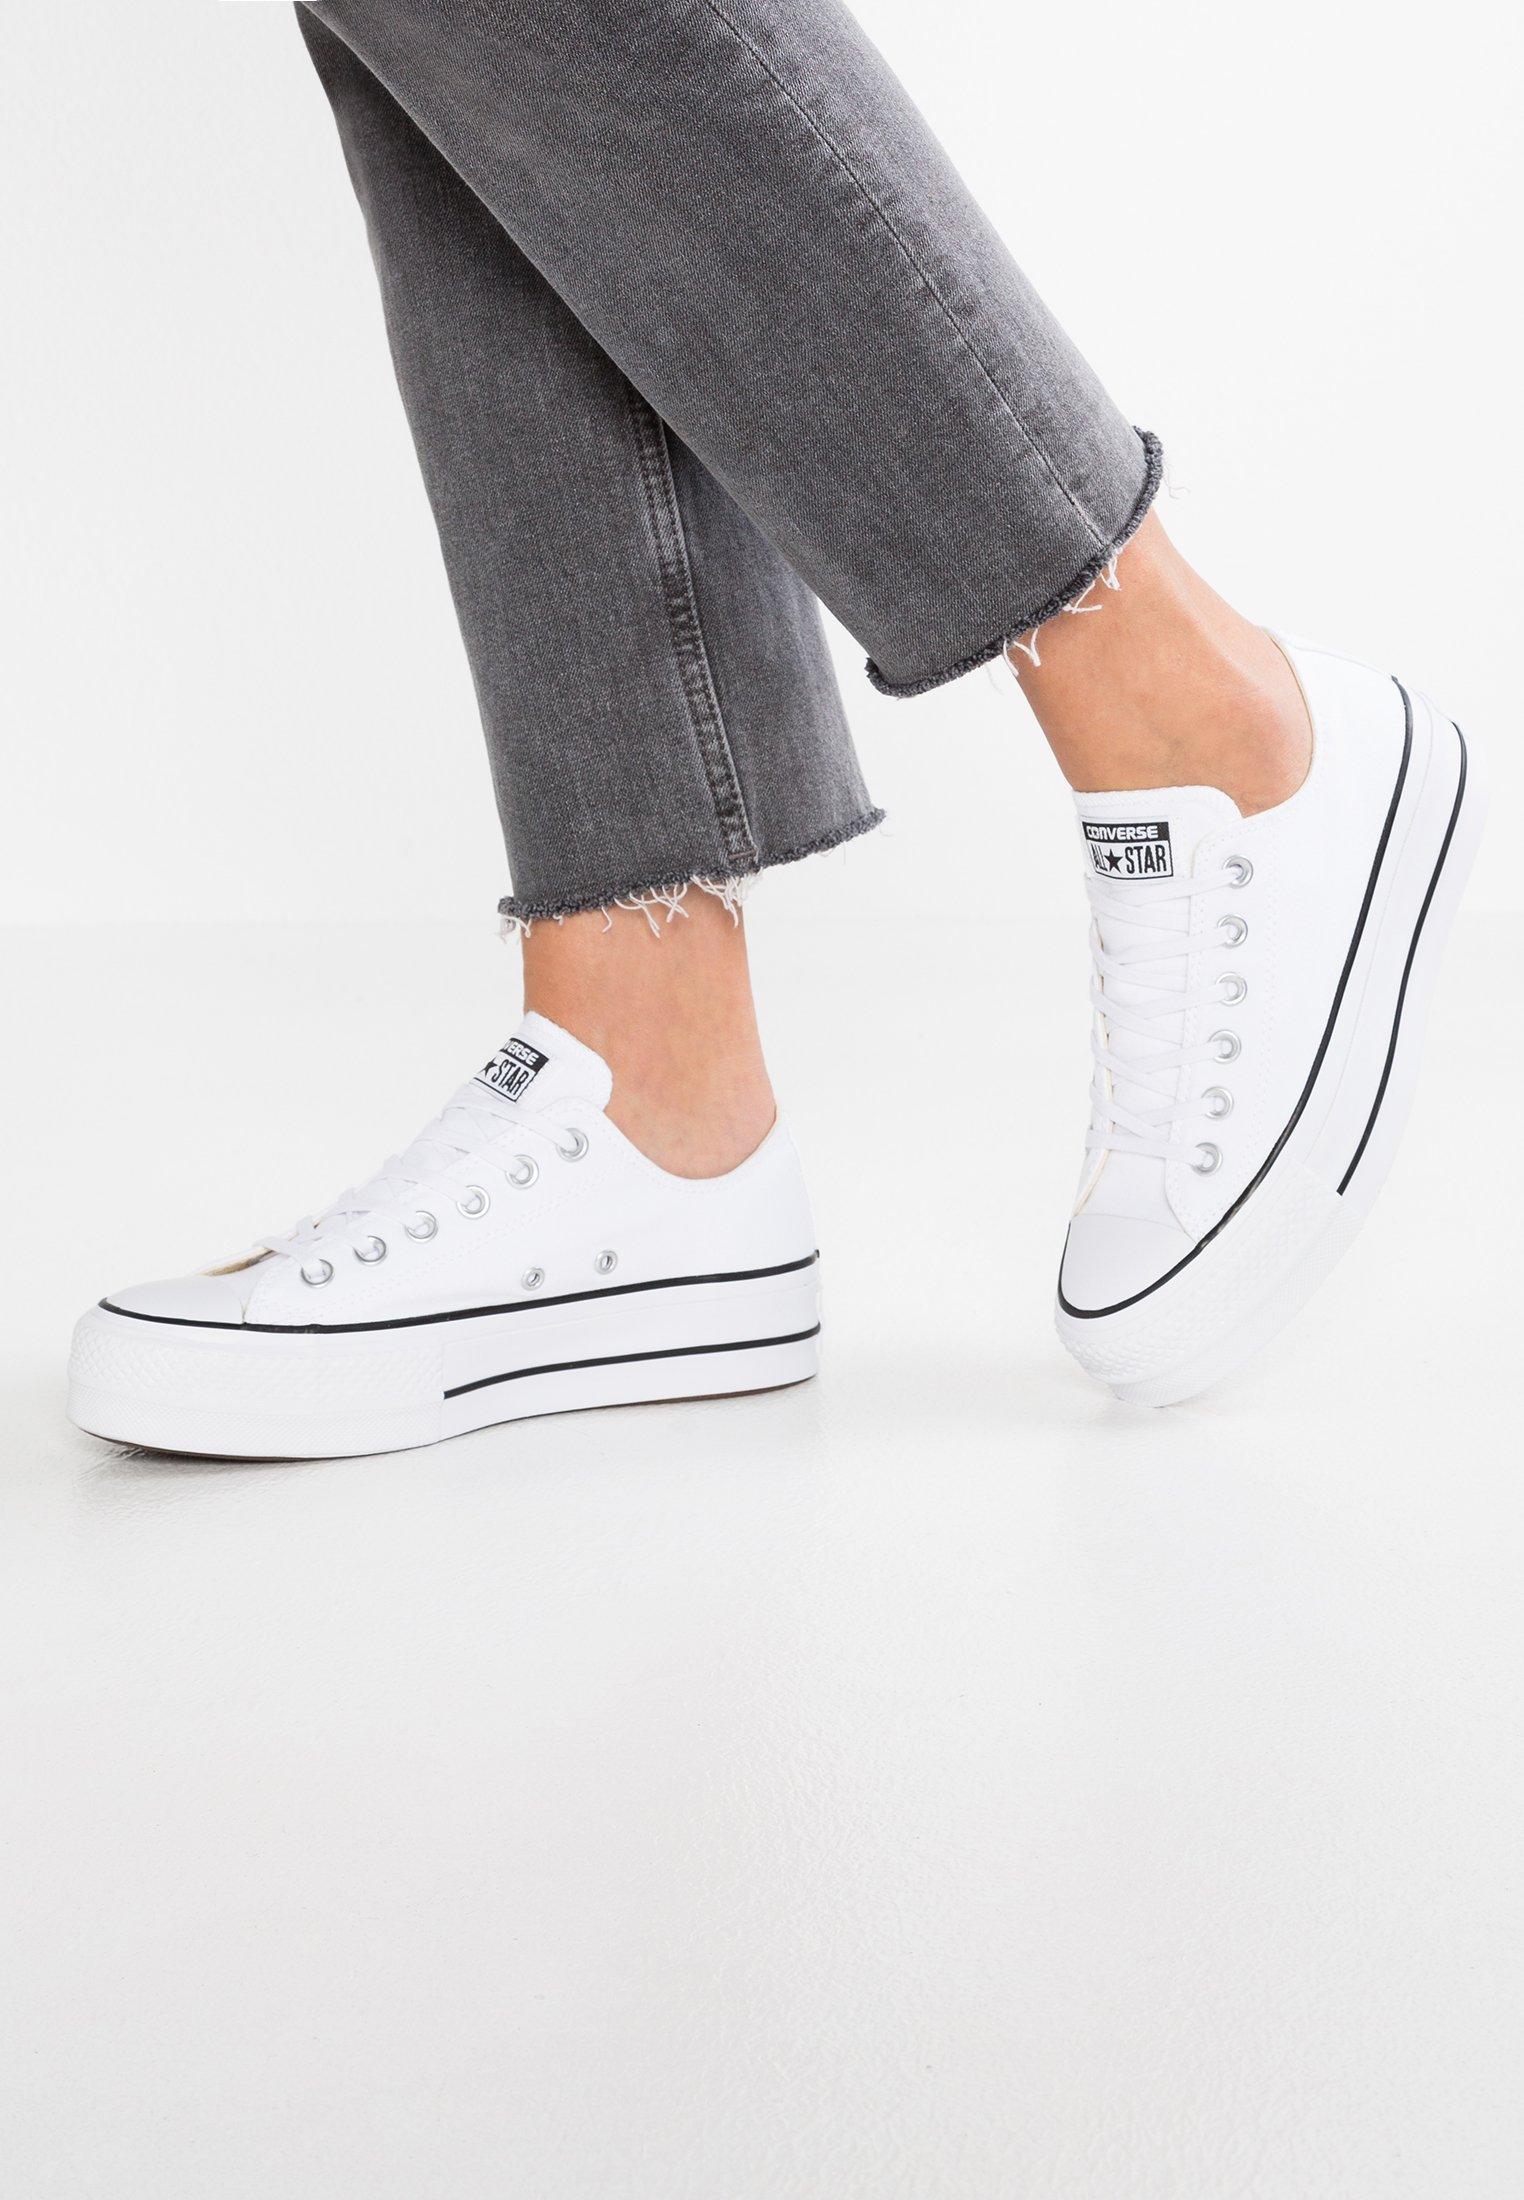 Chaussures femme | Livraison gratuite avec Zalando